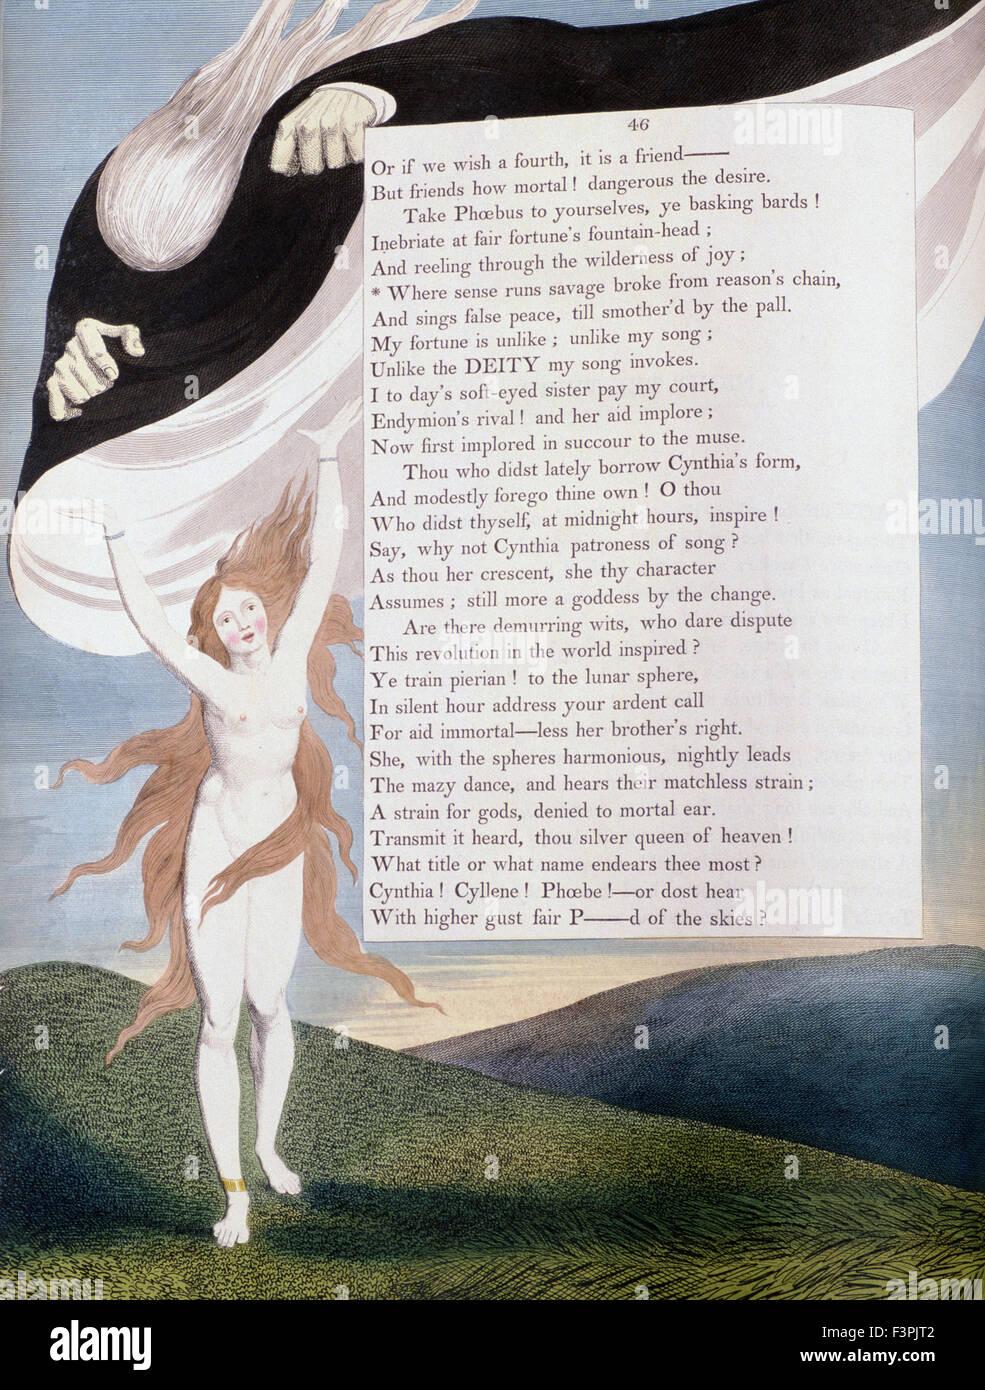 William BLake - Illustration de la page 46 de la 'nuit' de Edward Young's 'Night Thoughts' Photo Stock